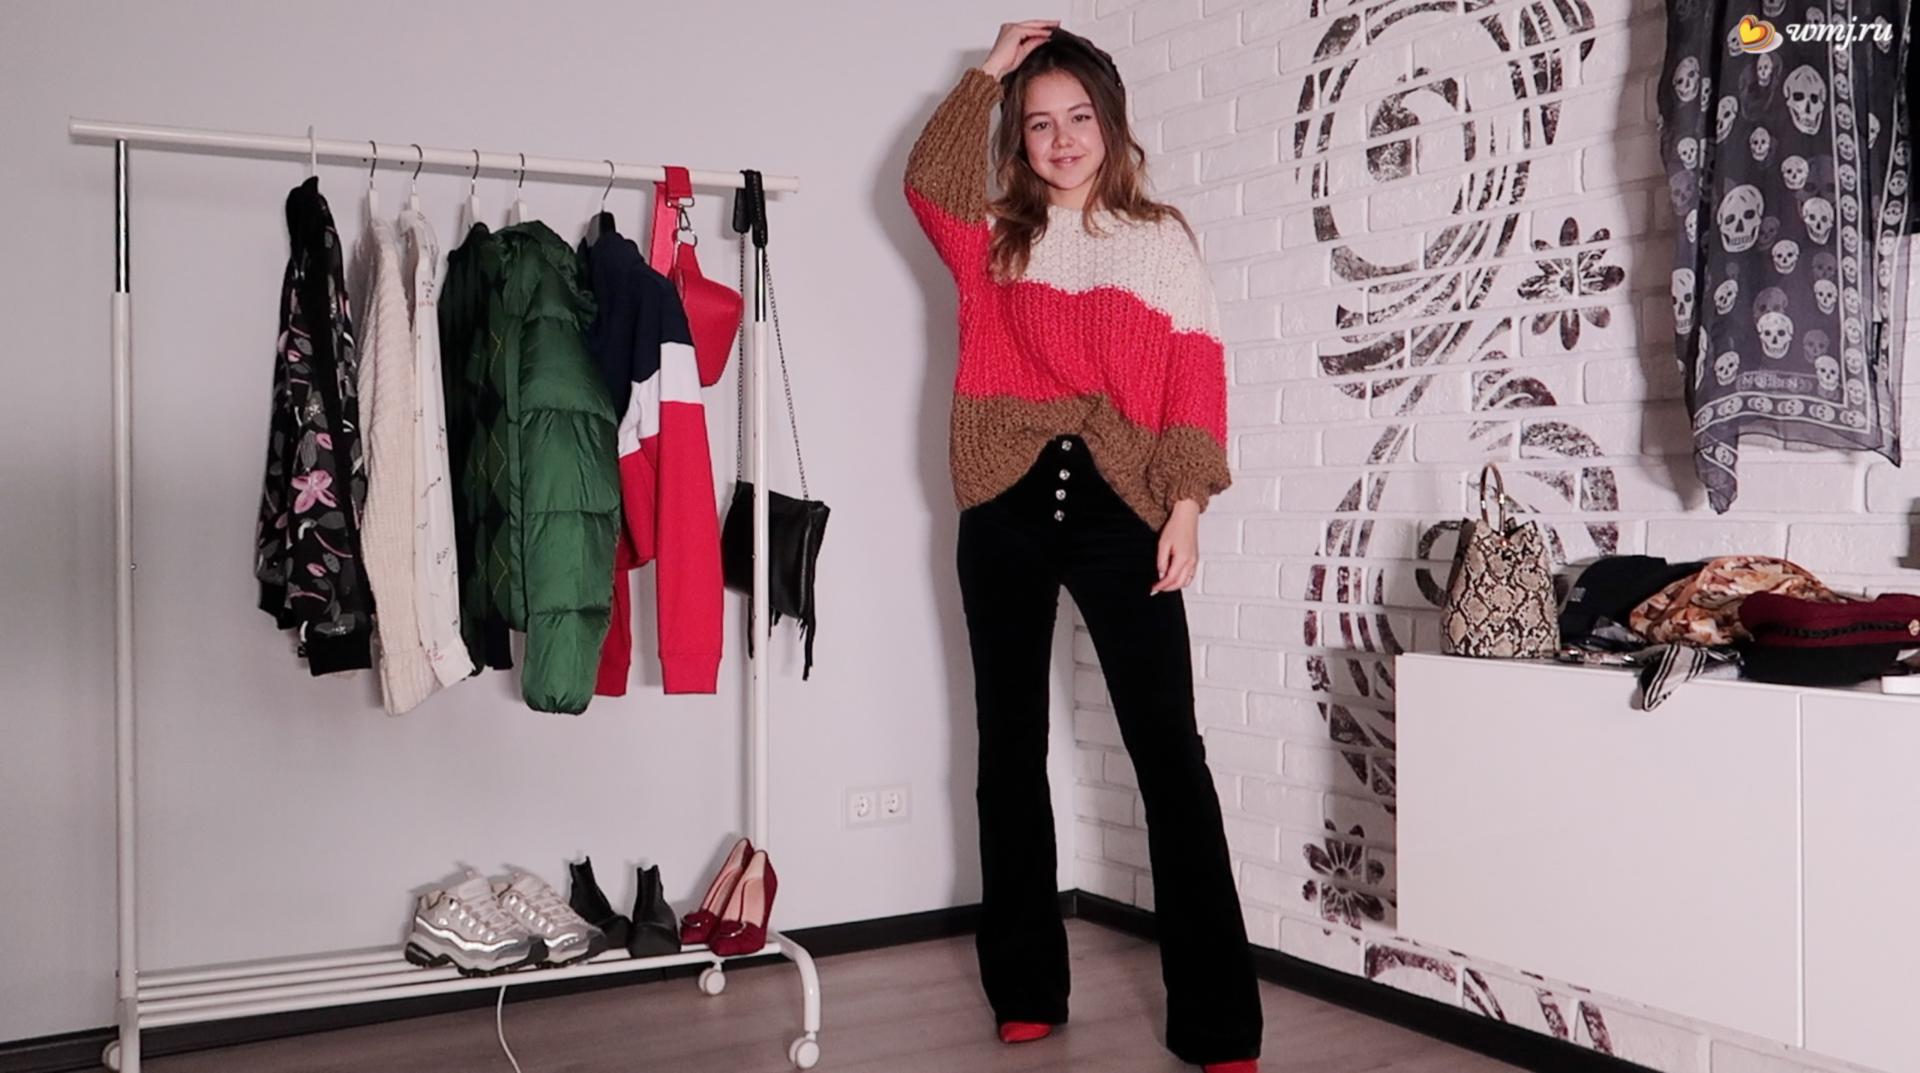 Как и с чем носить джинсы клеш девушкам маленького роста: советы стилиста и модные образы